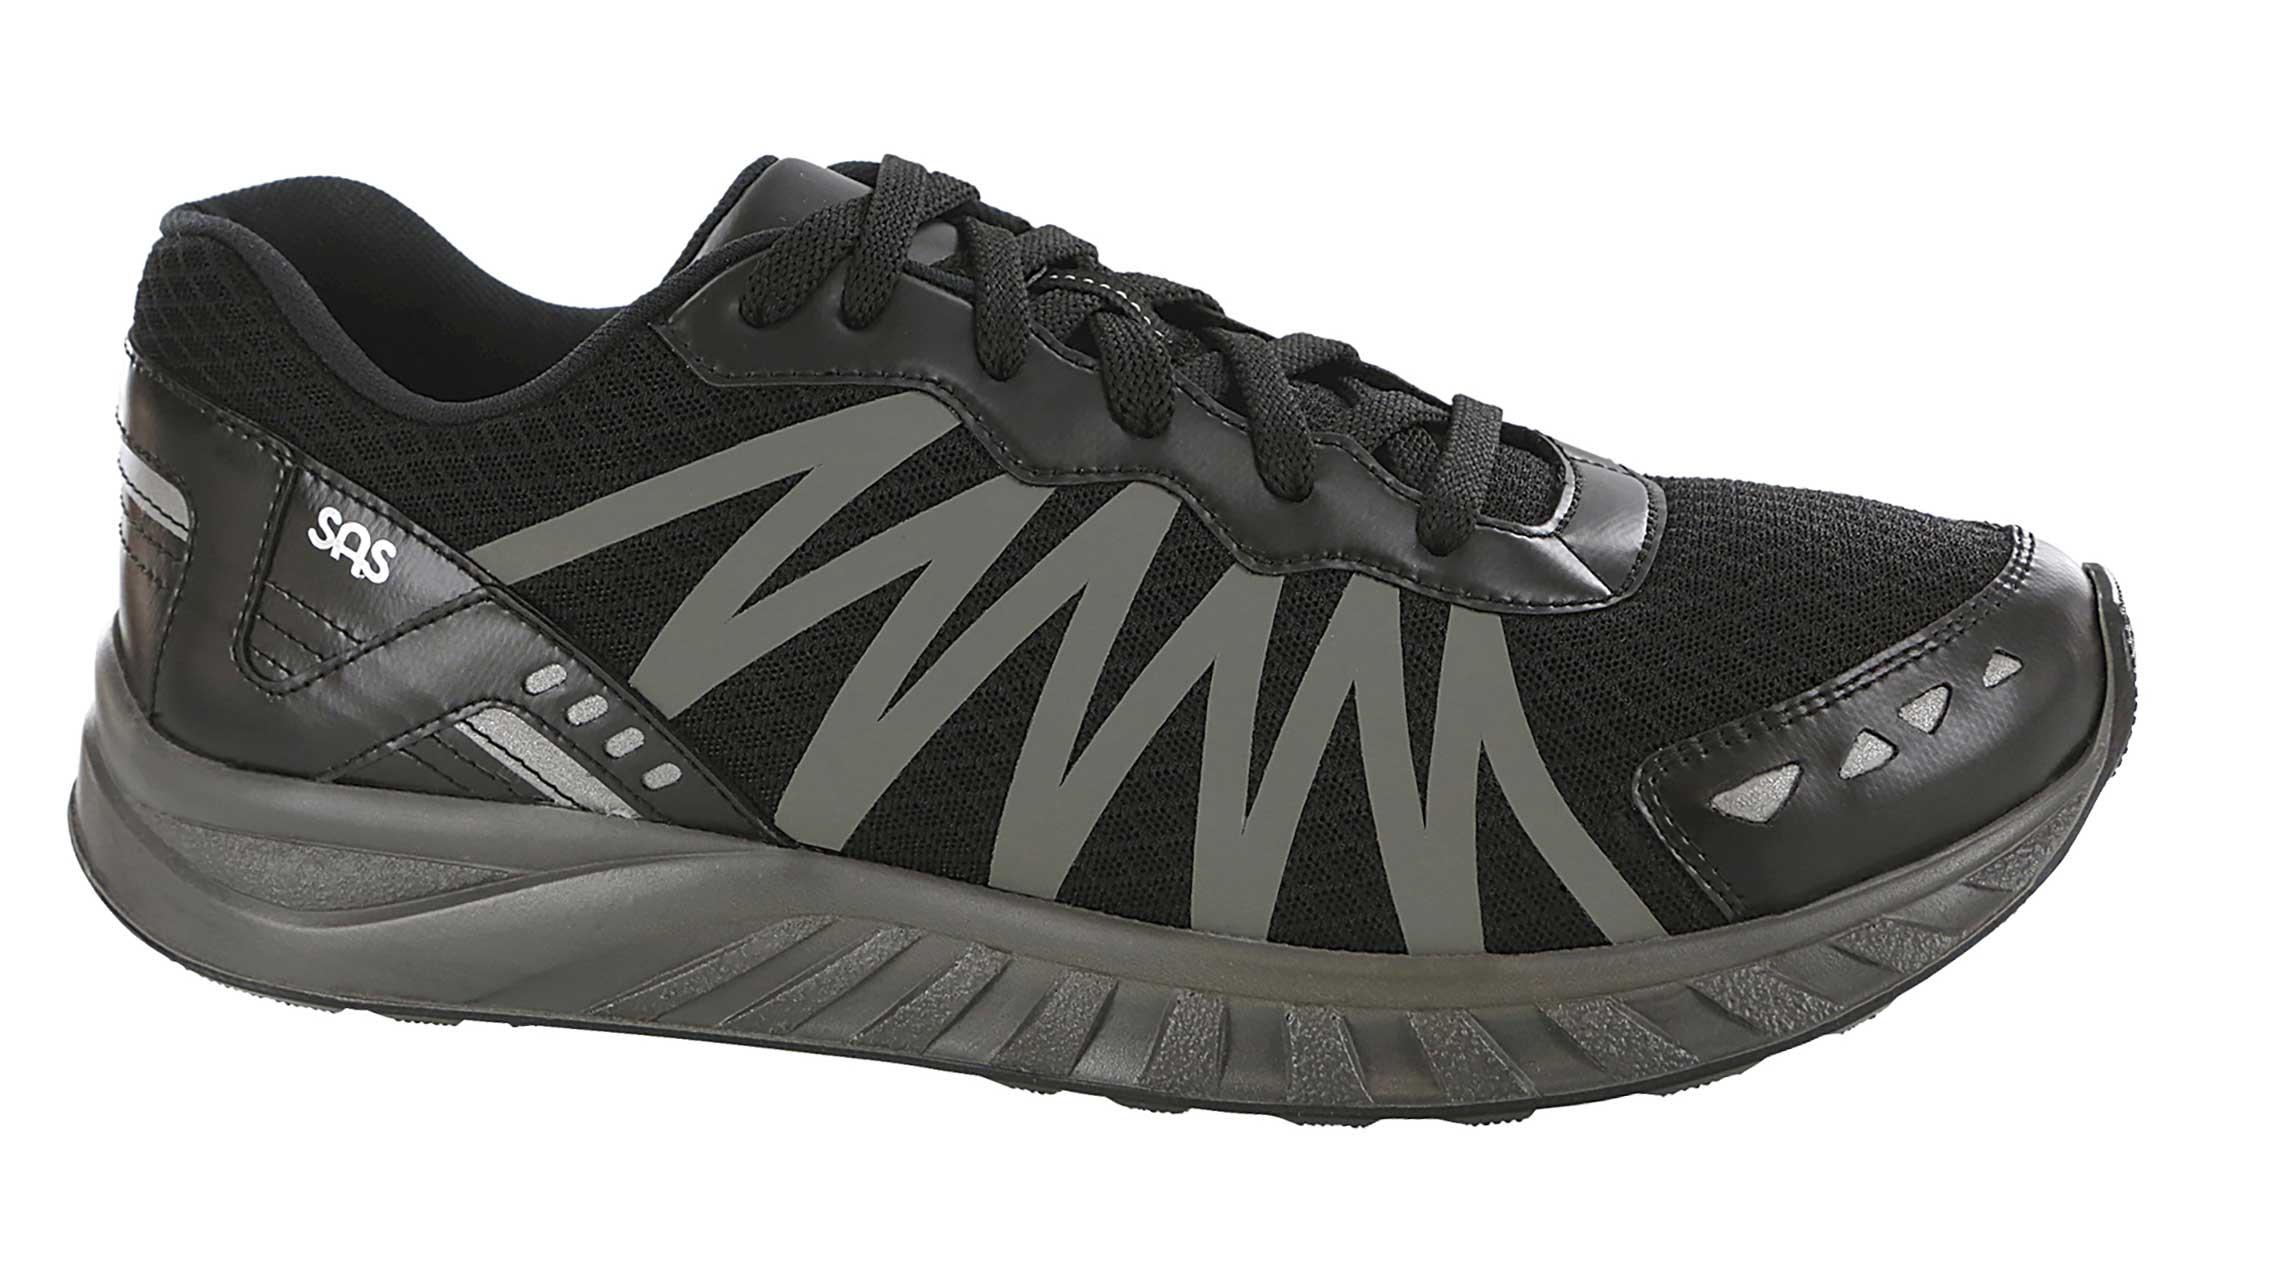 SAS Shoes Pursuit 3710 Men's Medicare Approved Diabetic Lace Up Sneaker - Slim - X-Wide - Comfort Shoe